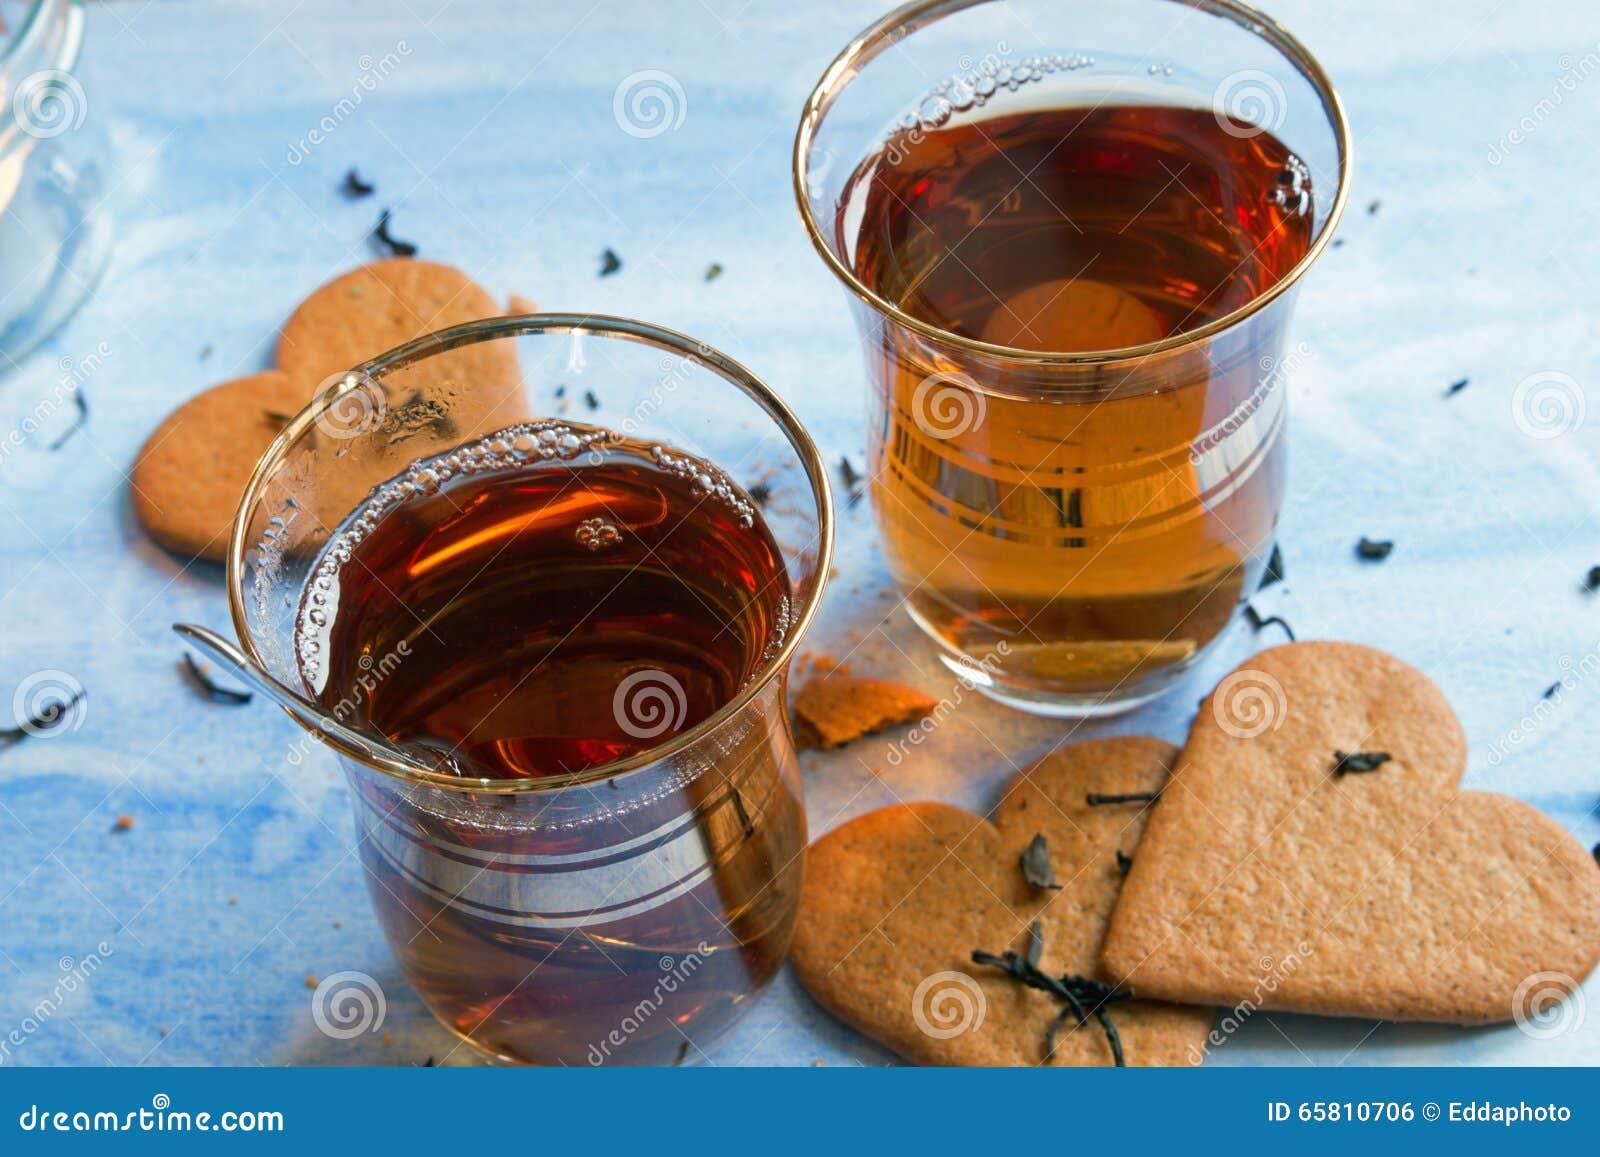 Tè nero servito in due tazze turche